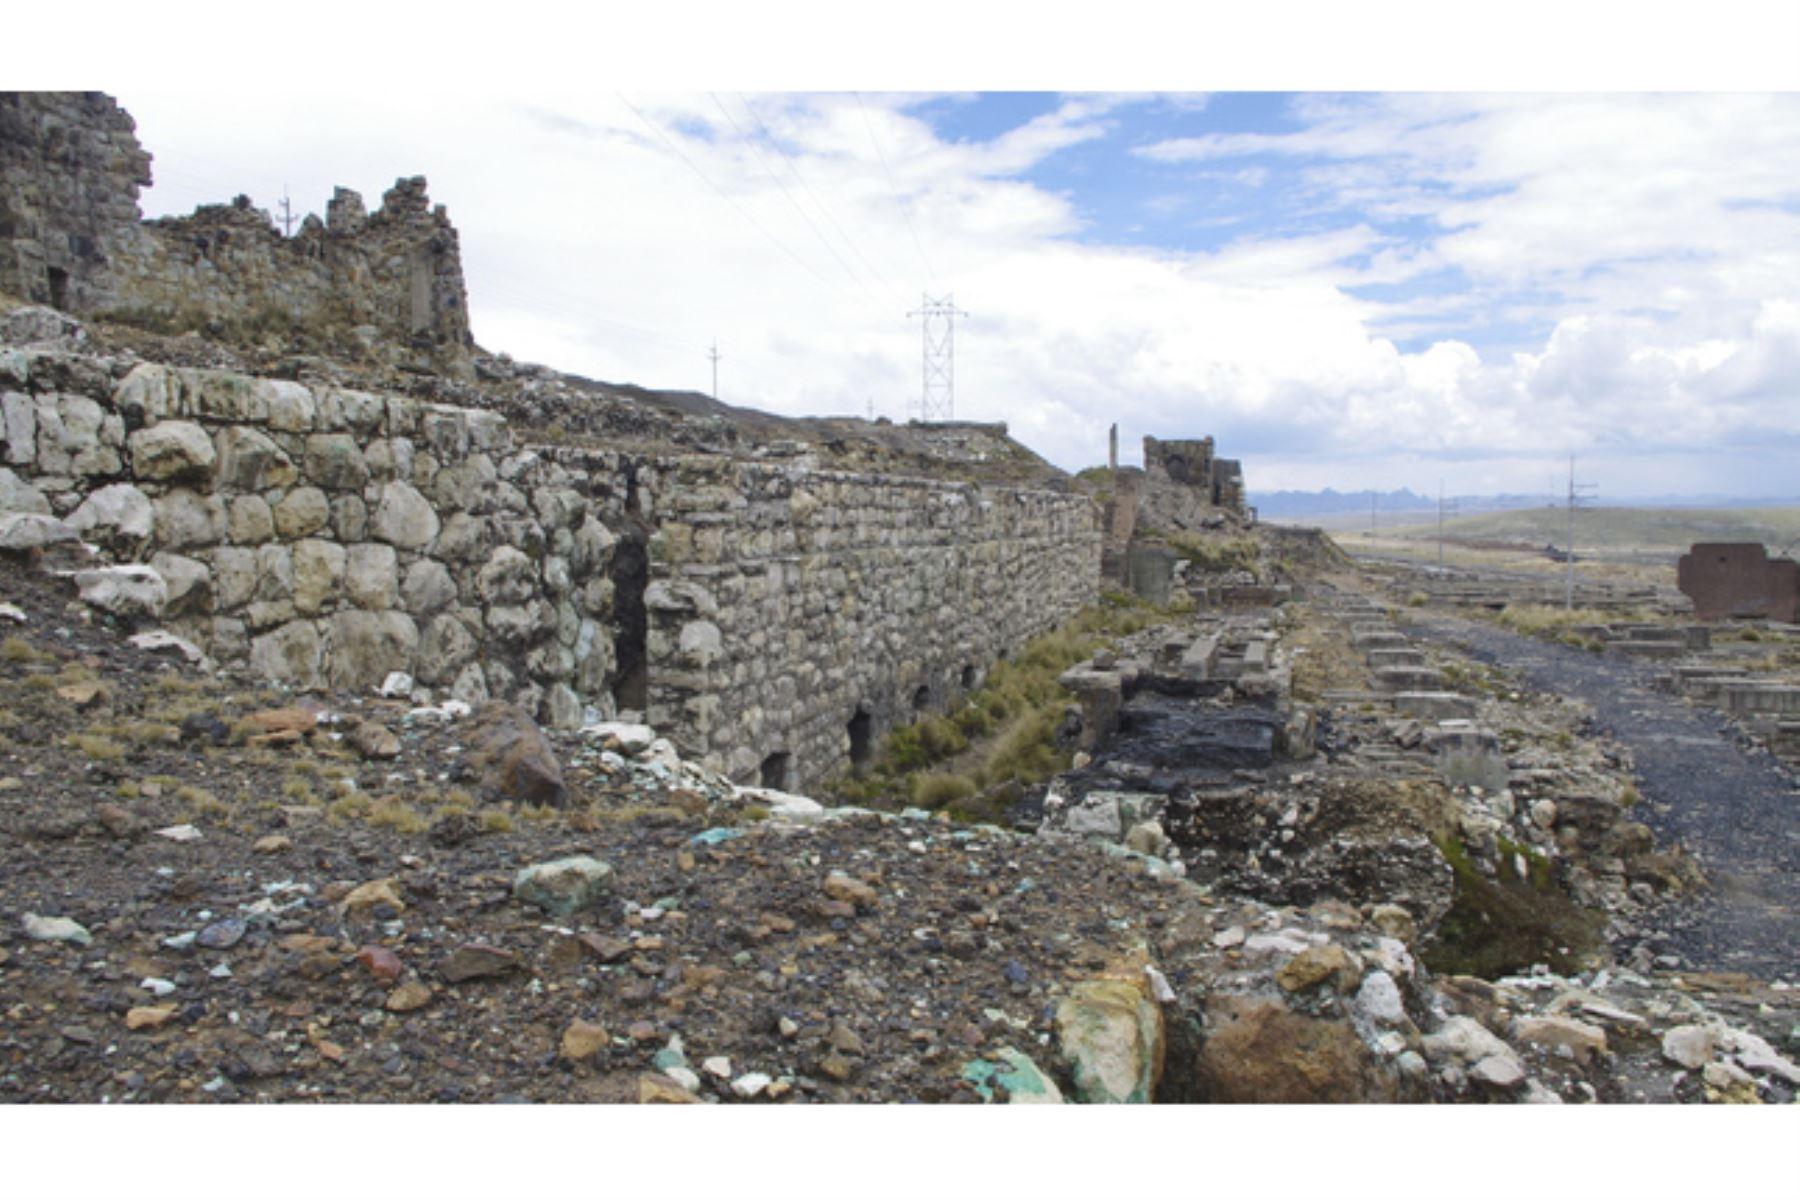 Ministerio de Cultura declara Patrimonio Cultural de la Nación a los vestigios de la Antigua Fundición Tinyahuarco en Pasco. Foto: Mincul